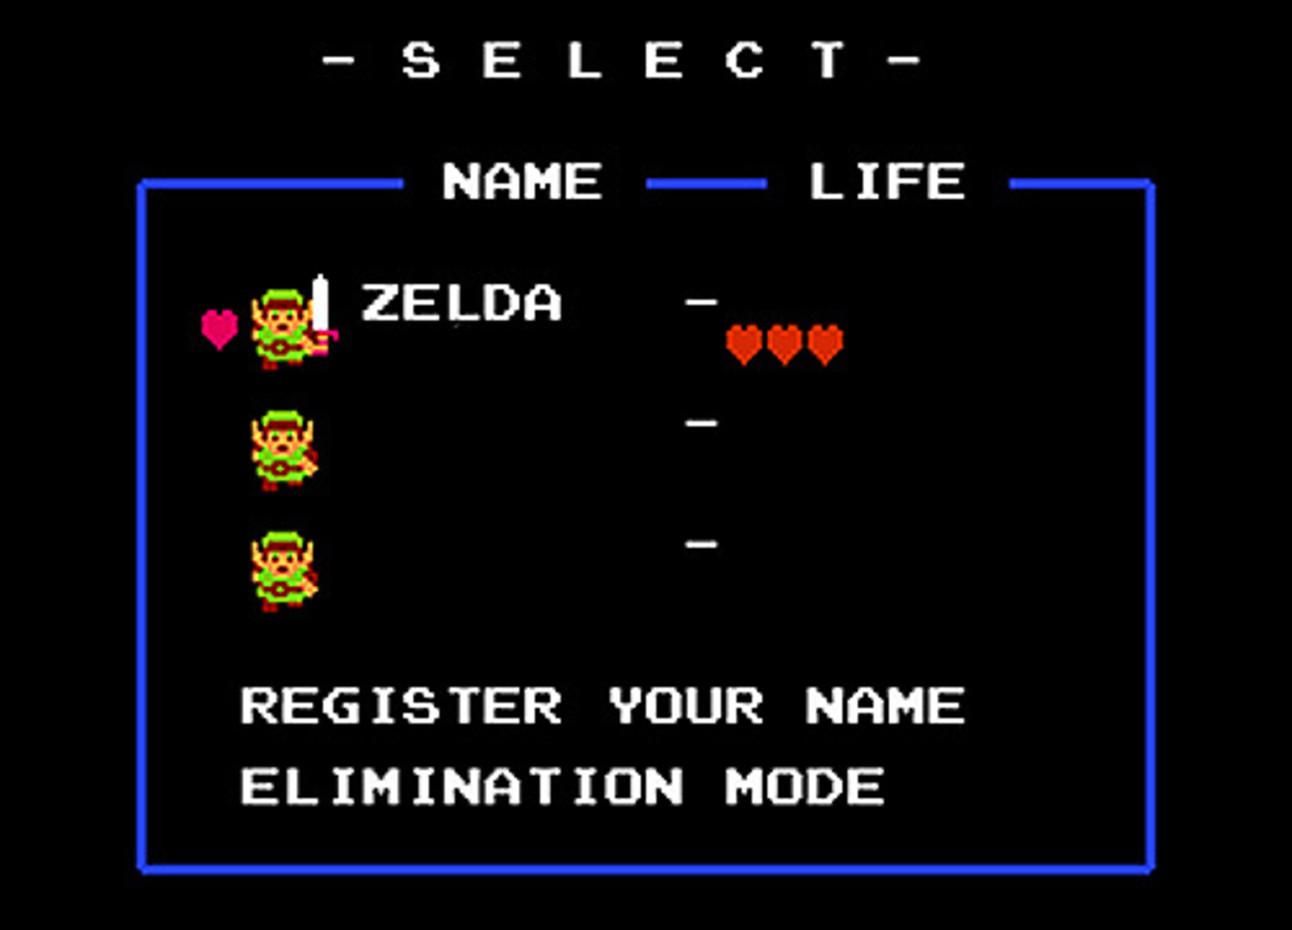 The Legend of Zelda - Name Registration